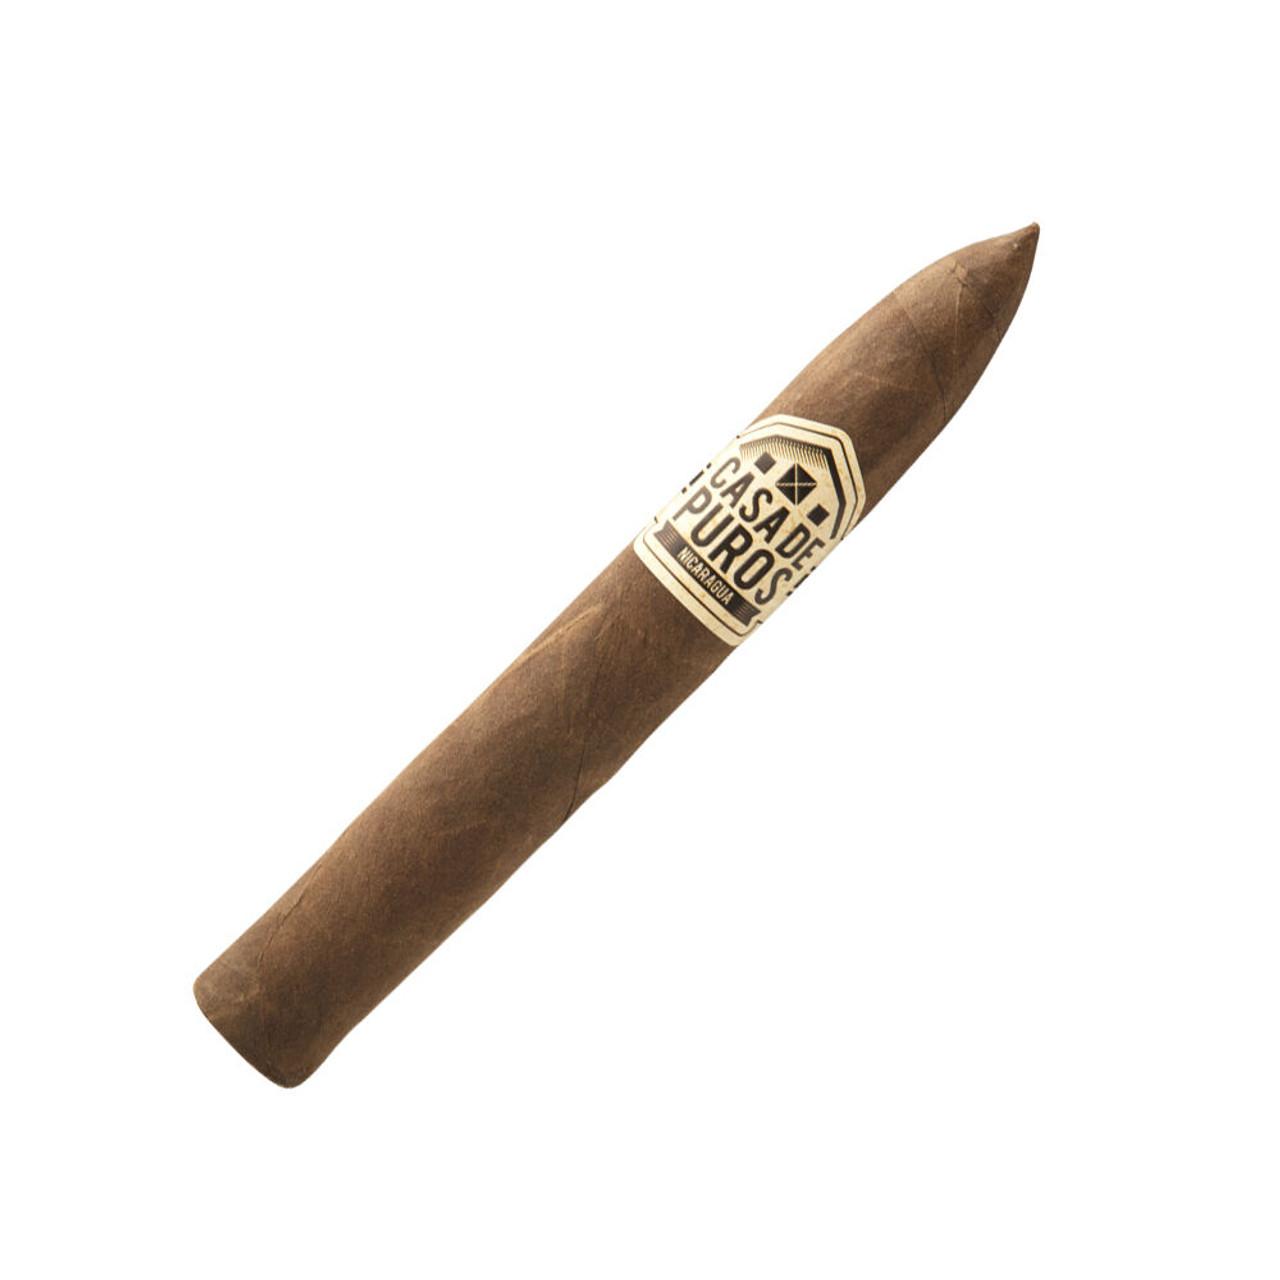 Casa de Puros Pyramide Cigars - 6.12 x 52 (Bundle of 20)